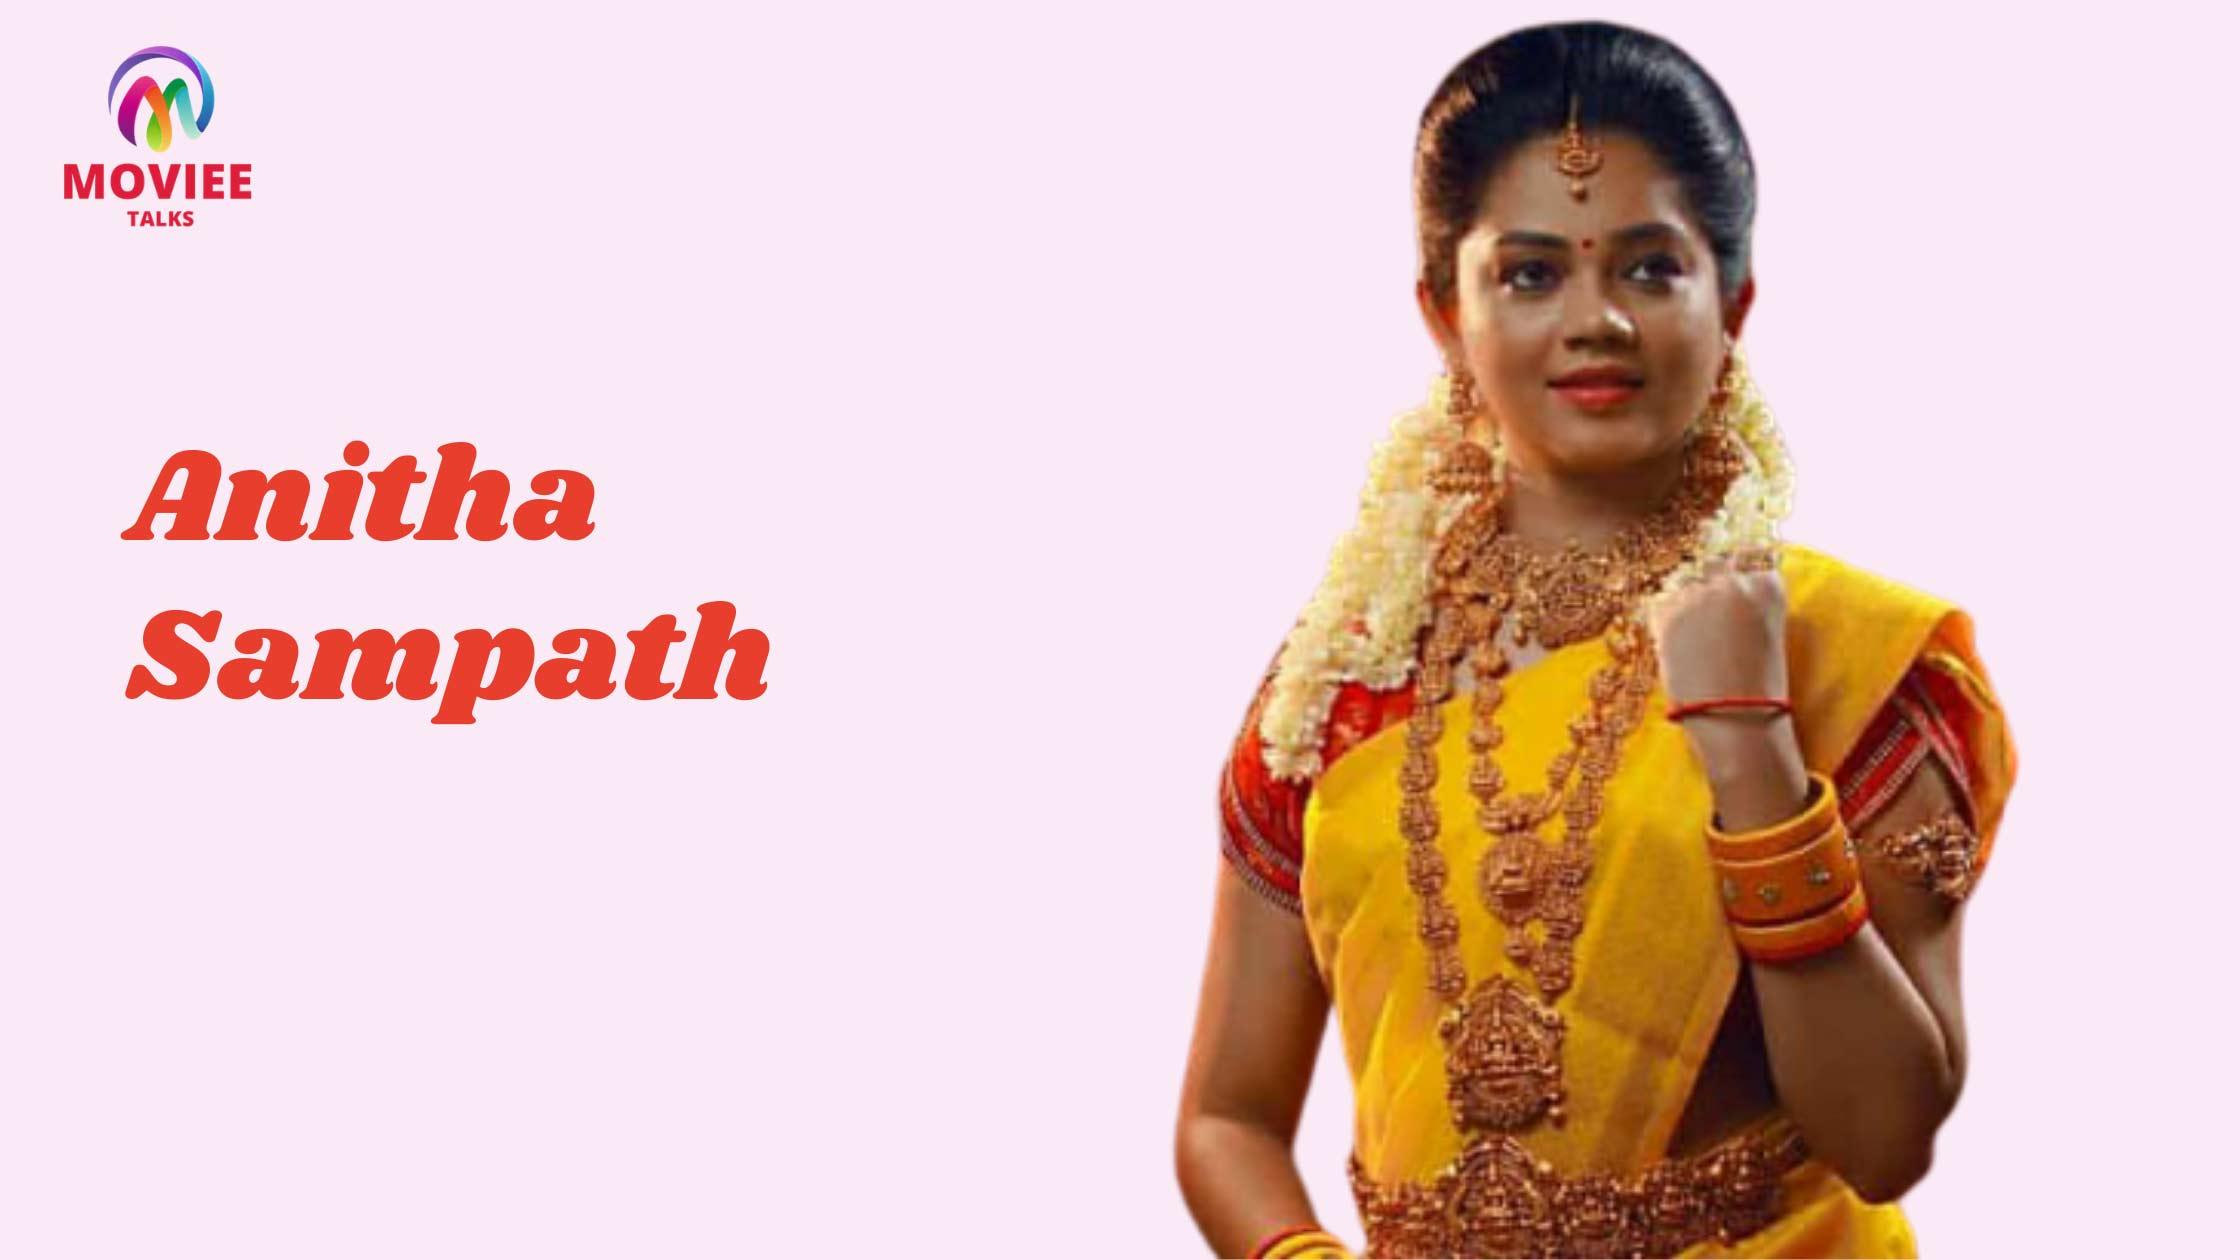 Tamil-anchor-Anitha-Sampath